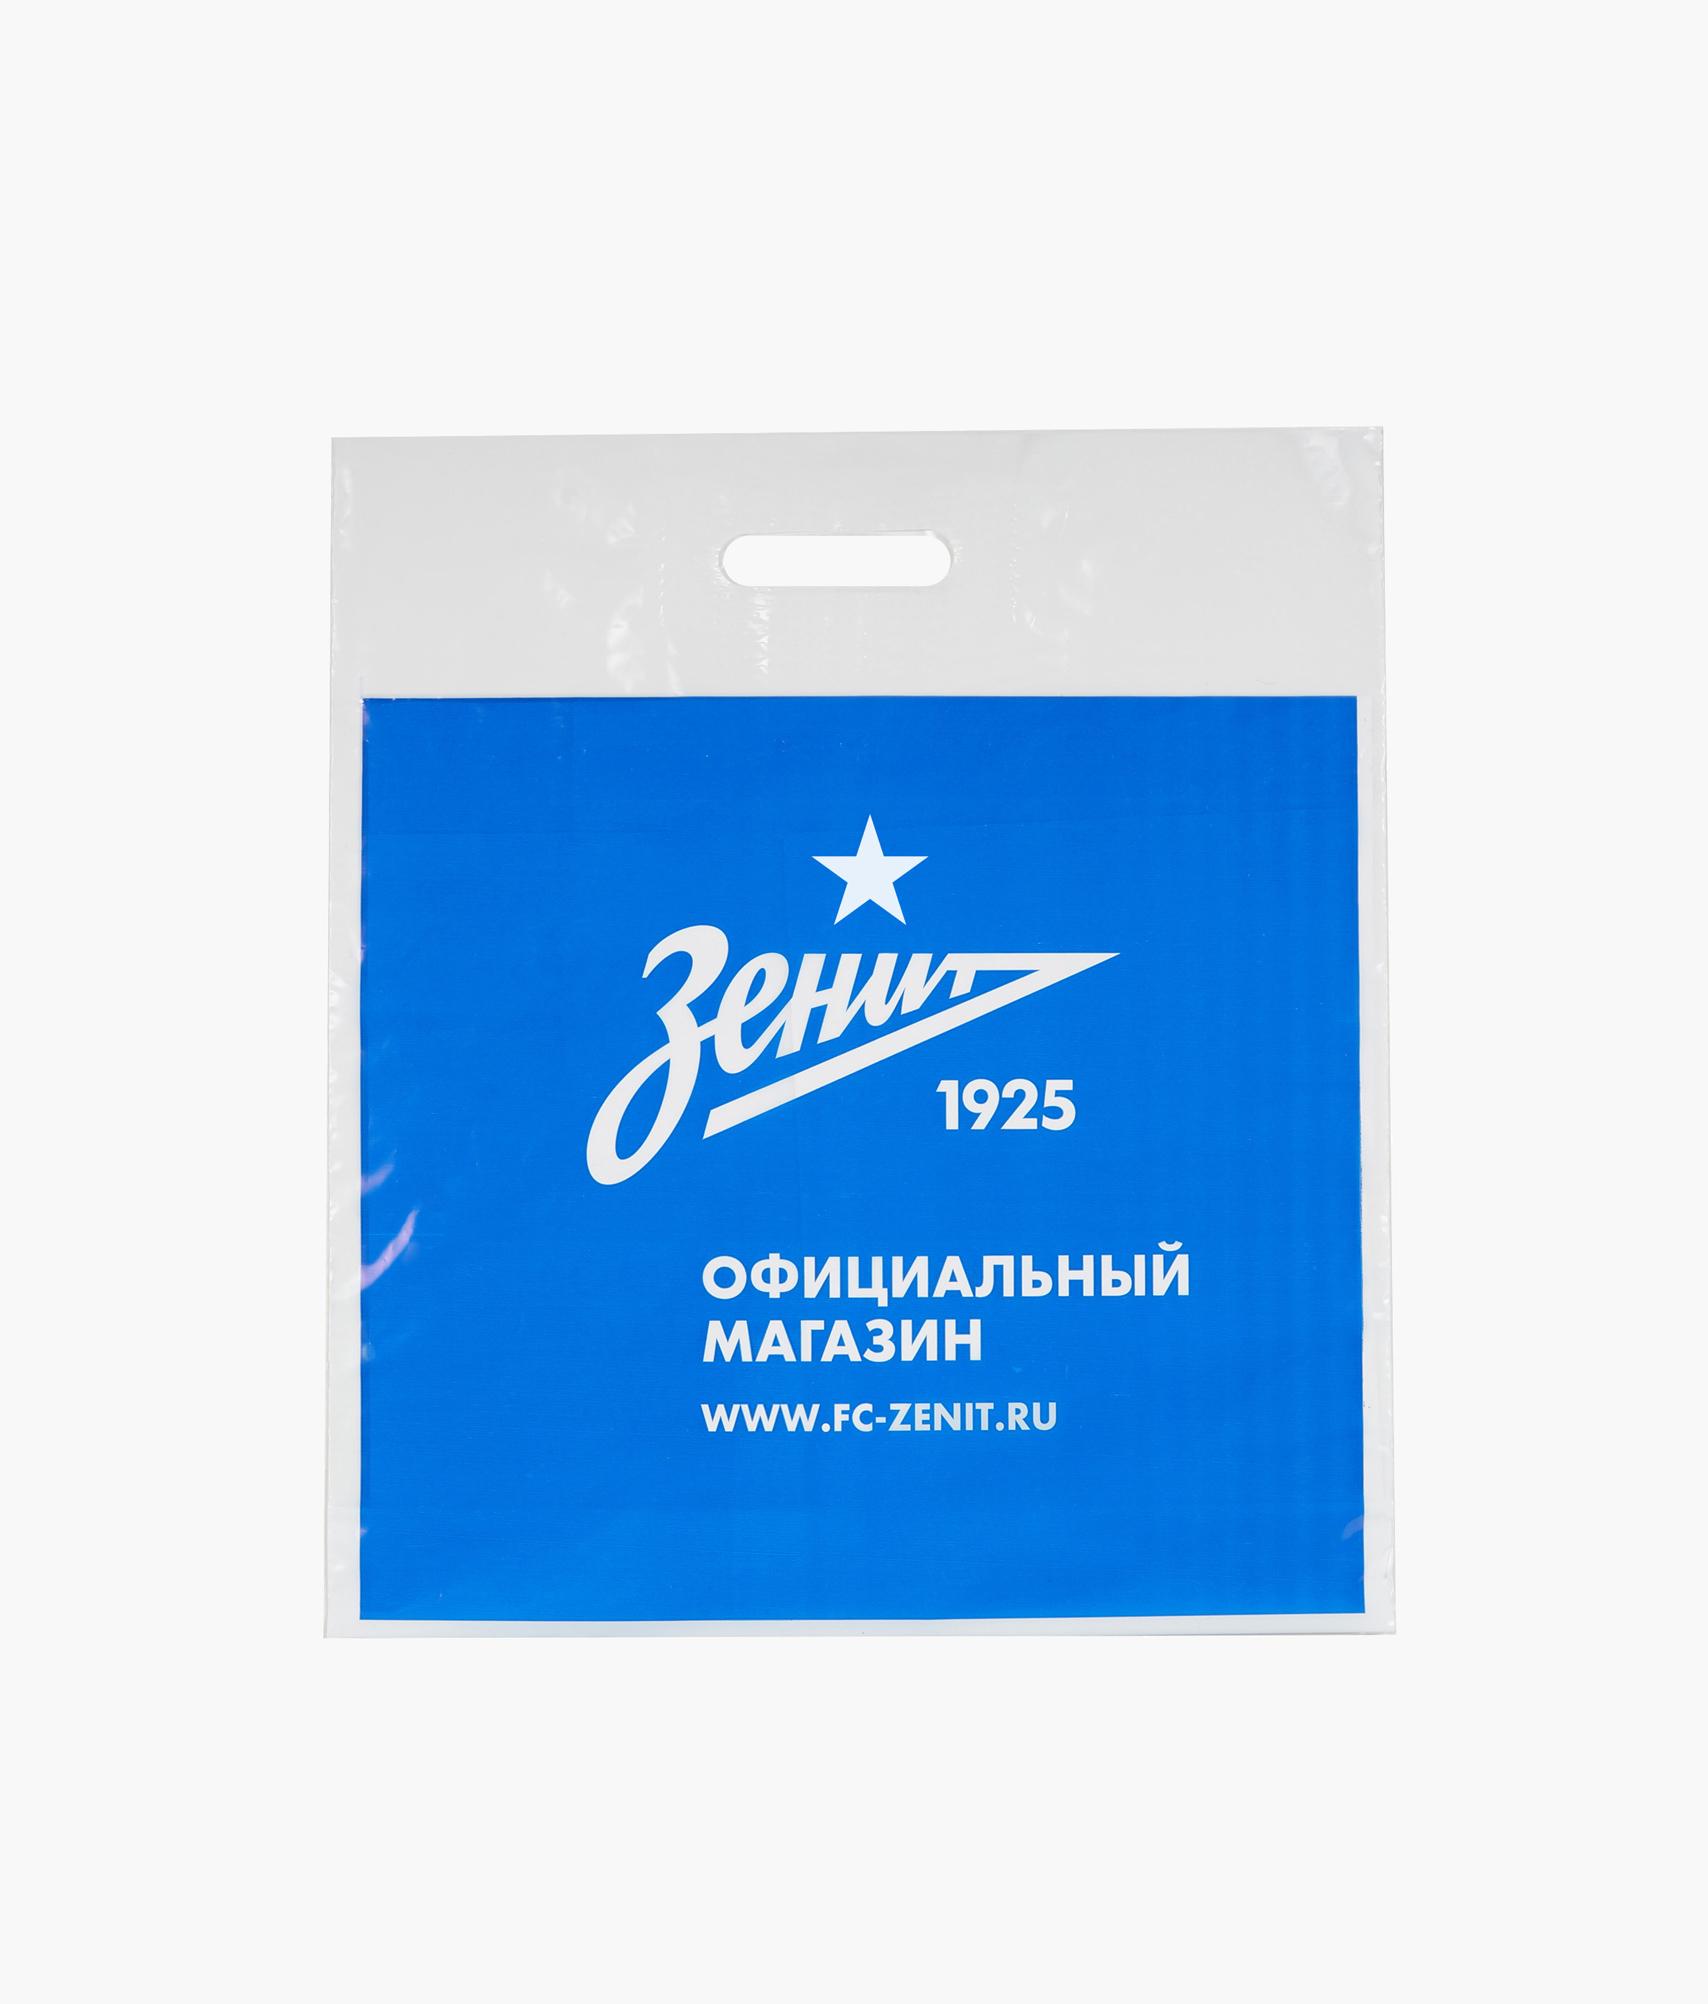 Полиэтиленовый пакет 38x45 см Зенит стоимость